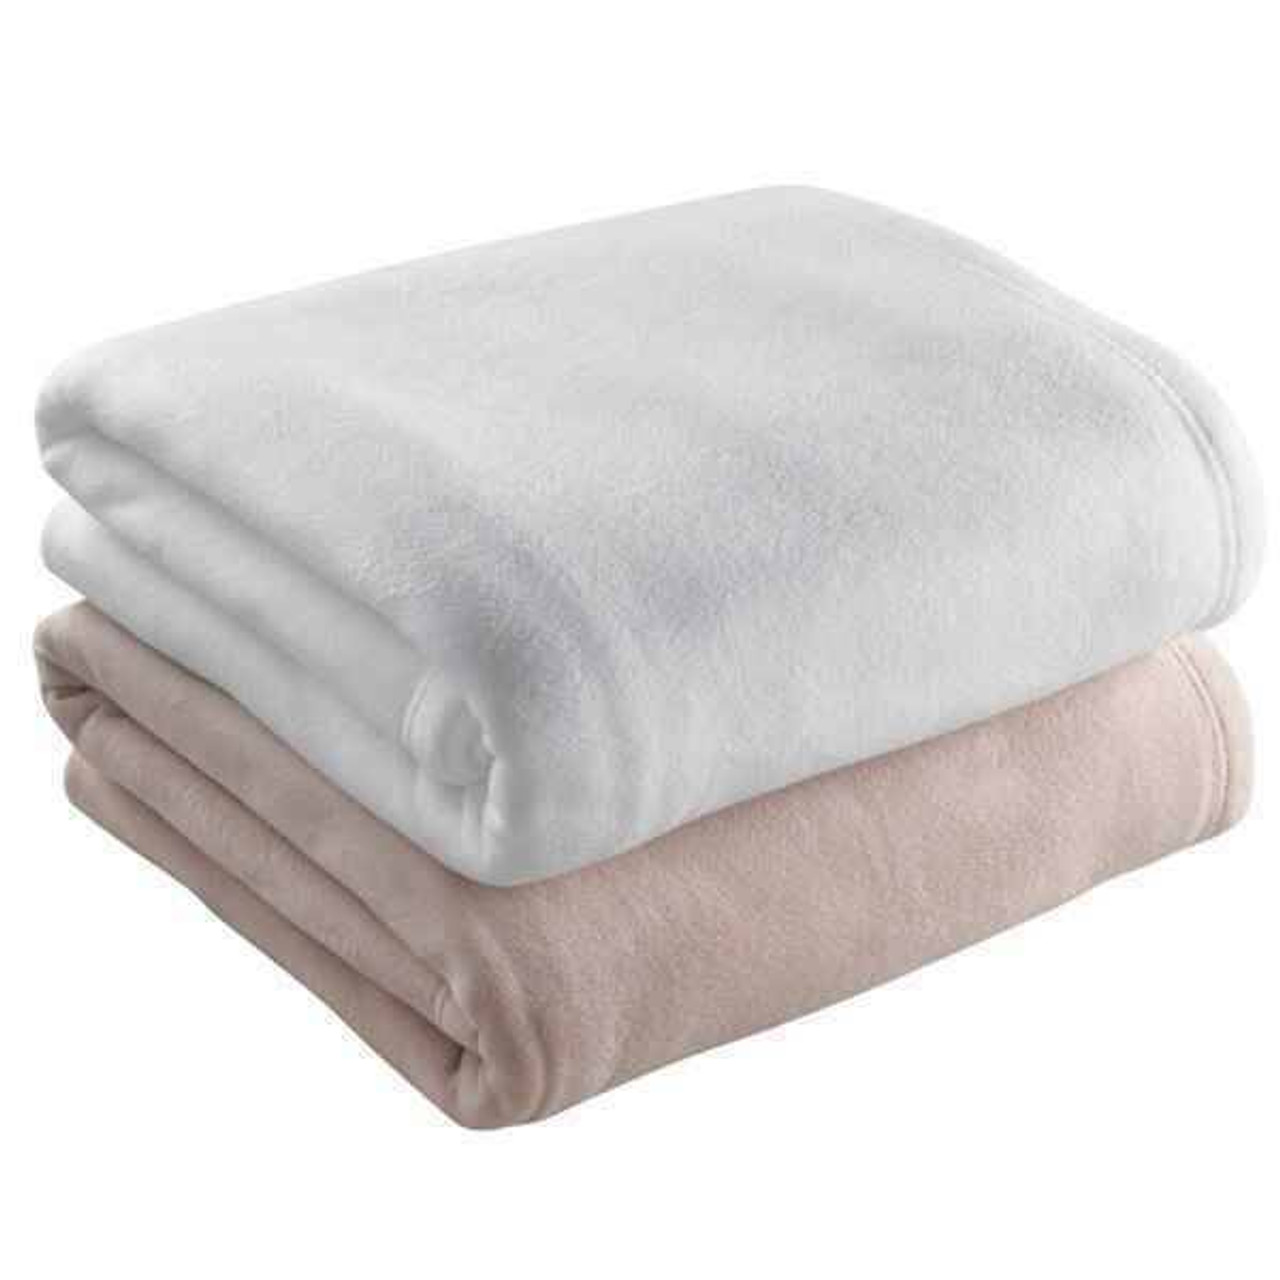 WestPoint/Martex Westpoint or Martex Super Fleece or lightweight, soft warmth